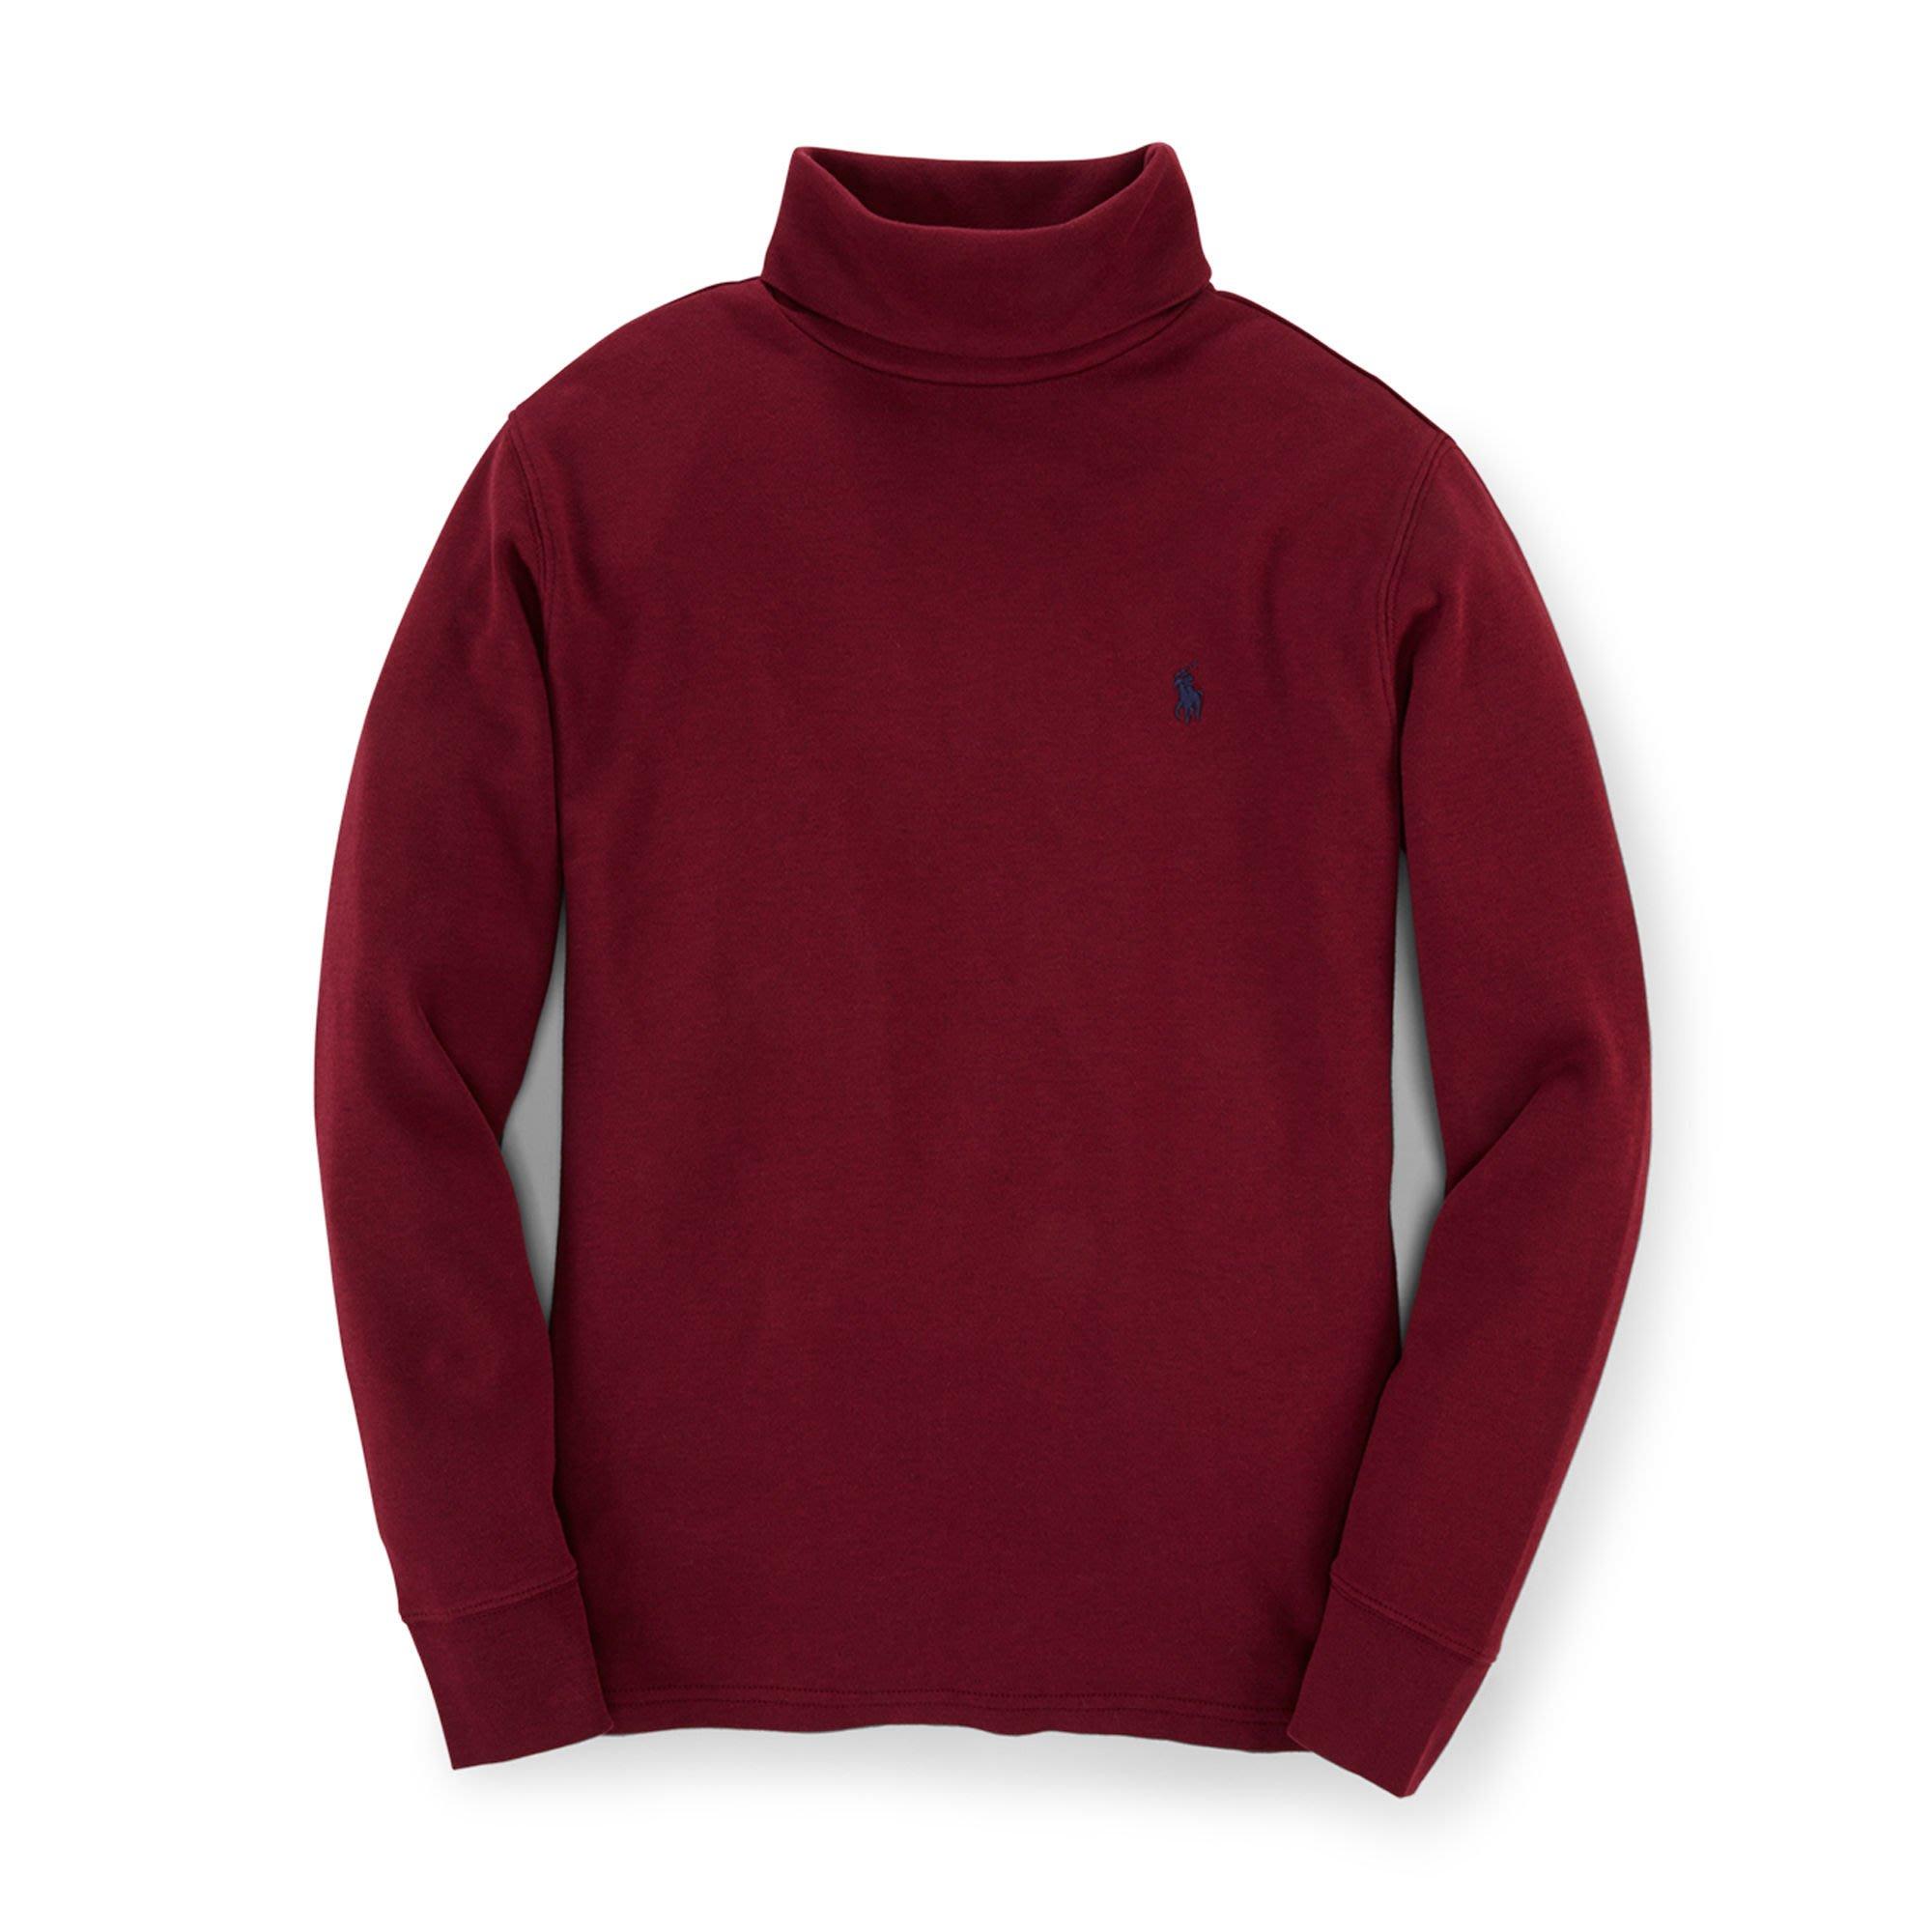 二手美國 Polo Ralph Lauren 酒紅色繡馬高領純棉T恤 大童M